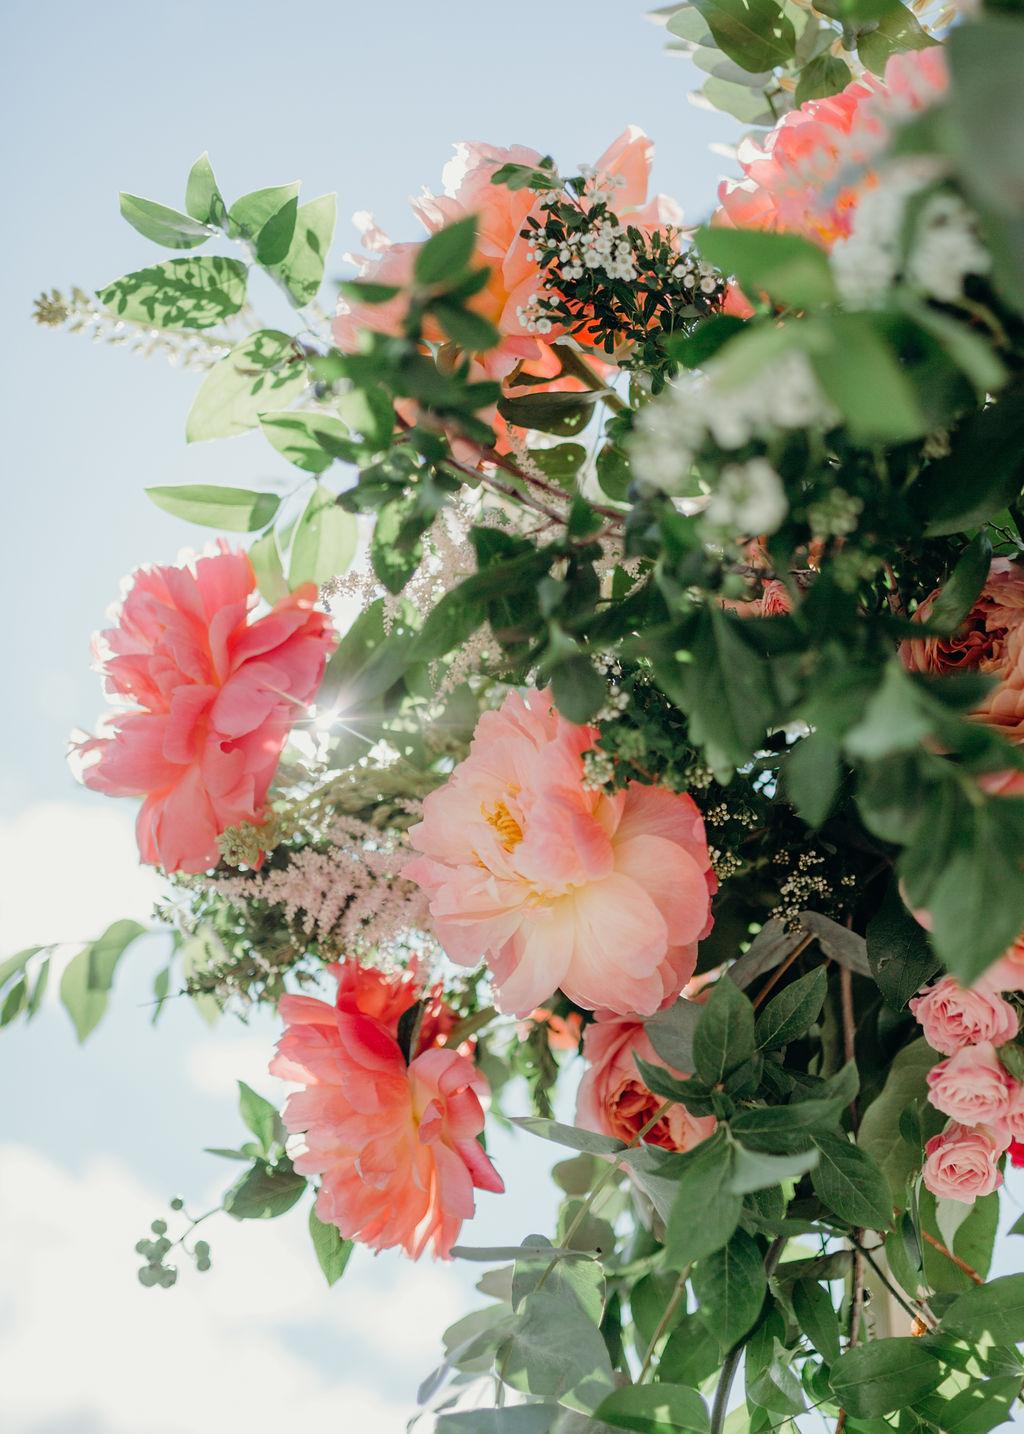 kadriphoto.com-8071.jpg